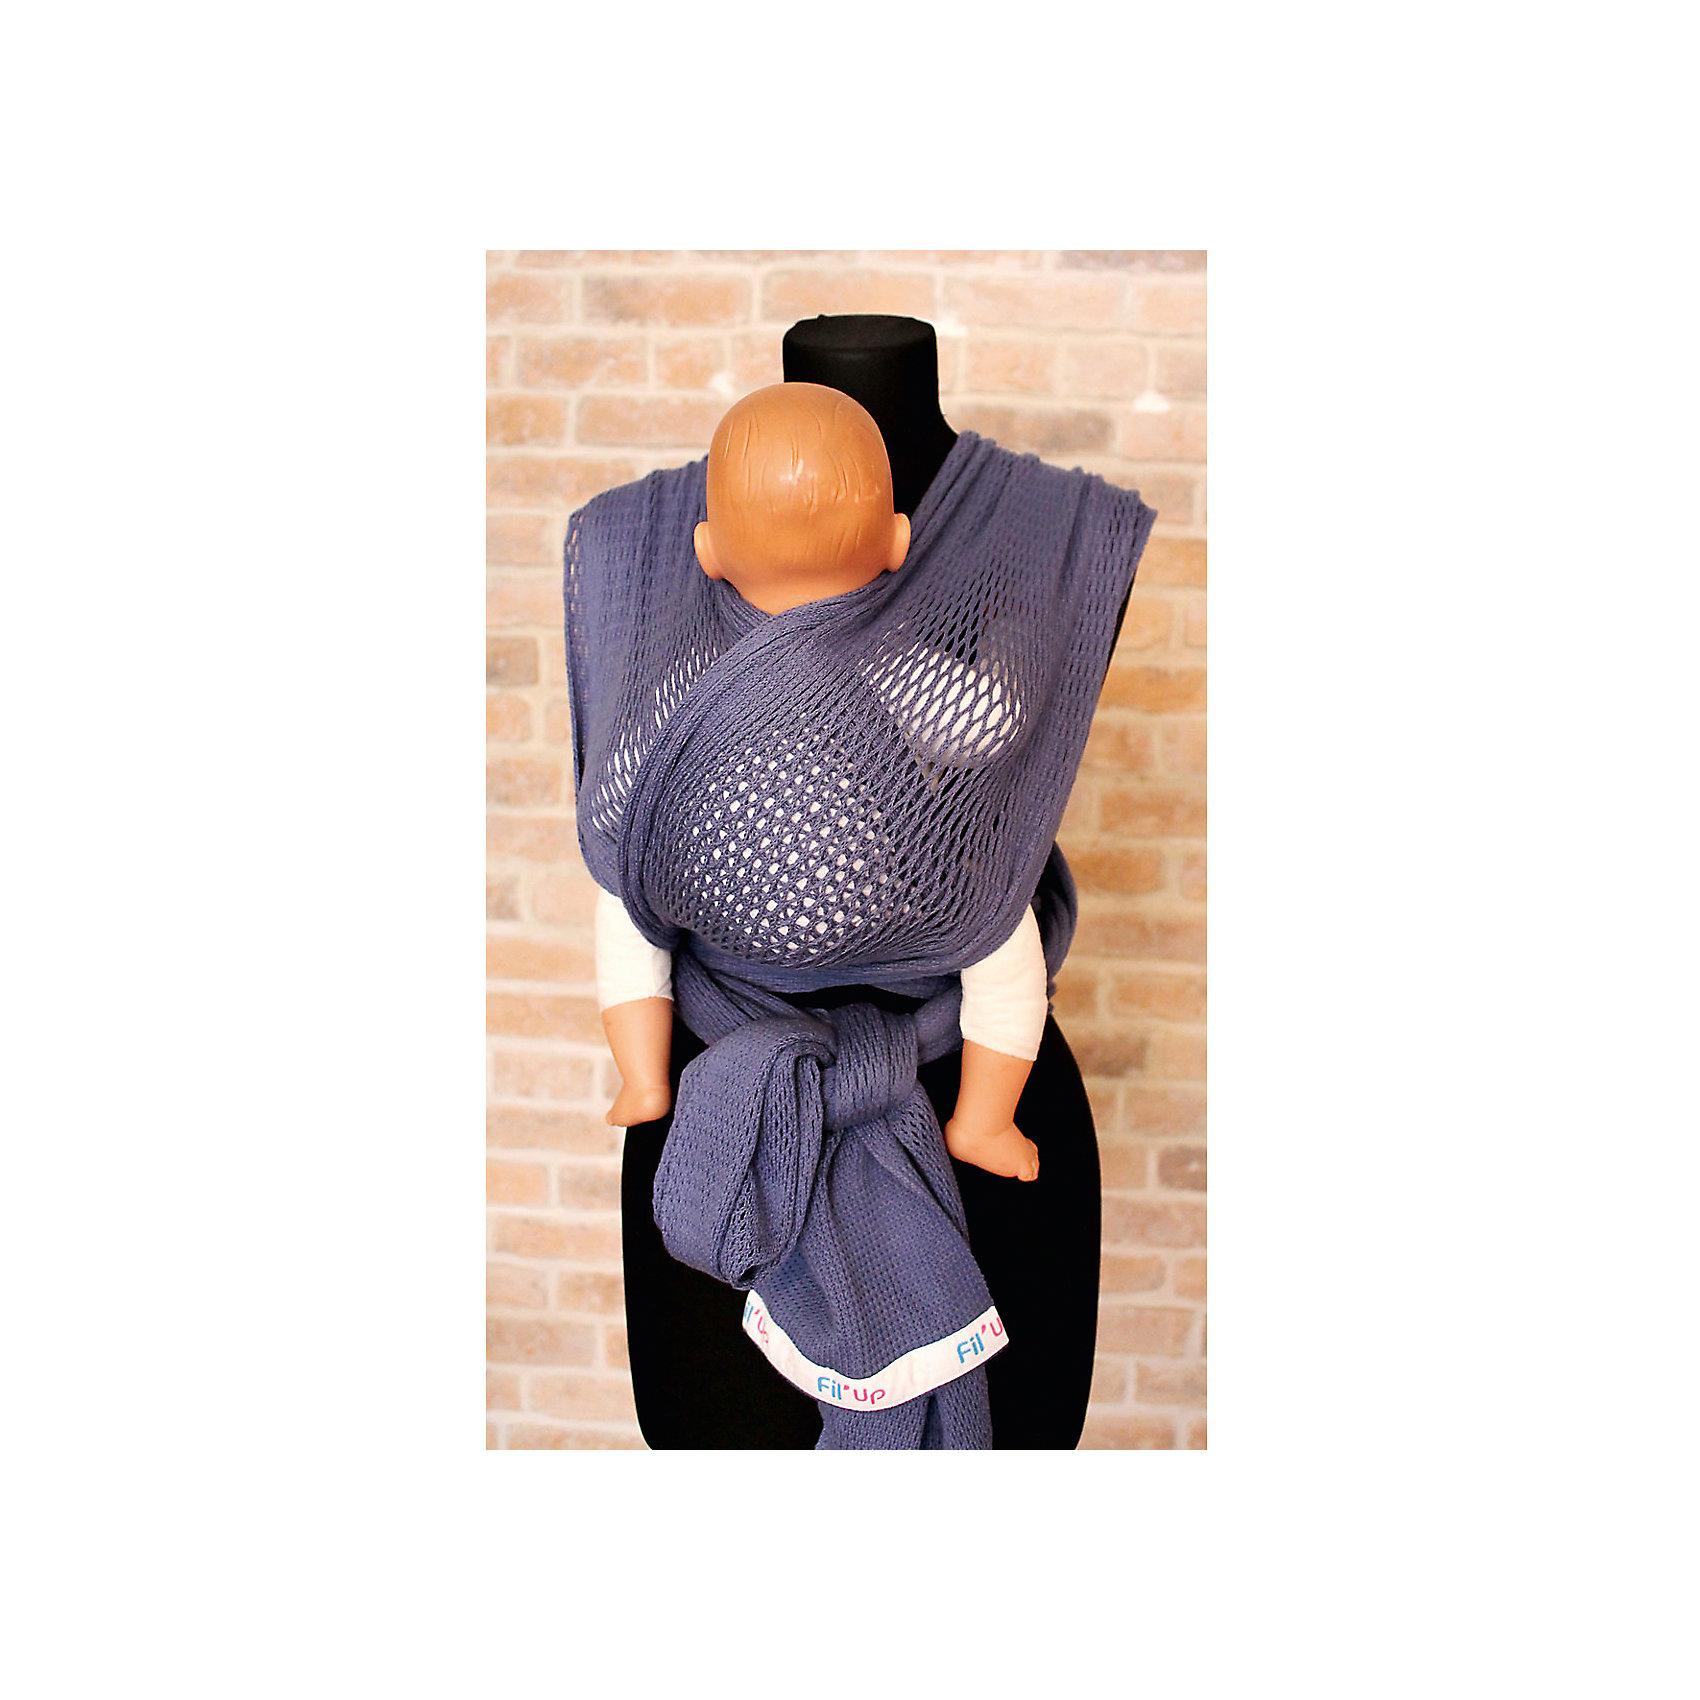 Слинг-шарф из хлопка плетеный размер s-m, Филап, Filt, джинсовыйСлинги и рюкзаки-переноски<br>Характеристики:<br><br>• разработан совместно с врачами-ортопедами;<br>• обеспечивает оптимальную поддержку ребенка;<br>• легко наматывается;<br>• два способа намотки: «простой крест» и «двойной крест»;<br>• равномерно распределяет нагрузку на спину;<br>• основное положение: лицом к маме;<br>• подходит для автоматической стирки при температуре 30 градусов;<br>• сумочка в комплекте;<br>• цвет: джинсовый;<br>• материал: хлопок;<br>• возраст ребенка: 3 месяца-2 года (до 15 кг);<br>• размер слинга: 4,4х0,5 м;<br>• размер упаковки: 24х26х7 см;<br>• вес: 430 грамм;<br>• страна бренда: Франция.<br><br>Слинг-шарф FilUp изготовлен из натурального хлопка сетчатого плетения и окрашен нетоксичными красителями. Плетеный материал защитит ребенка и маму от жары. В зимнее время вы сможете одеть ребенка привычным образом, а слинг предотвратит перегревание. Хлопок приятен телу, не вызывает аллергии.<br><br>Основное положение ребенка в слинге - лицом к маме. Кроме этого, возможно положение на боку и за спиной.  Слинг легко надевается и вытягивается при необходимости. <br><br>Слинг-шарф равномерно распределяет нагрузку на спину, чтобы вы могли носить малыша с комфортом. Широкая центральная часть шарфа удобна для правильной посадки и фиксации ребенка.  Ножки ребенка будут находиться в положении, необходимом для правильного развития тазобедренных суставов. Узкие концы слинг-шарфа можно завязать так, чтобы они не мешали вам. <br><br>Слинг-шарф FilUp можно стирать в машинке при температуре 30°. Длина полотна - 4,4 метра. Ширина полотна - 0,5 метра. Подходит для детей от 3-4-х месяцев до 1,5-2-х лет (весом до 15 килограммов). В комплект входит сумочка-авоська, которая подойдет для бутылочек, салфеток и прочих необходимых предметов.<br><br>Слинг-шарф из хлопка плетеный размер s-m, Филап, Filt (Филт), джинсовый можно купить в нашем интернет-магазине.<br><br>Ширина мм: 800<br>Глубина мм: 800<br>Высота